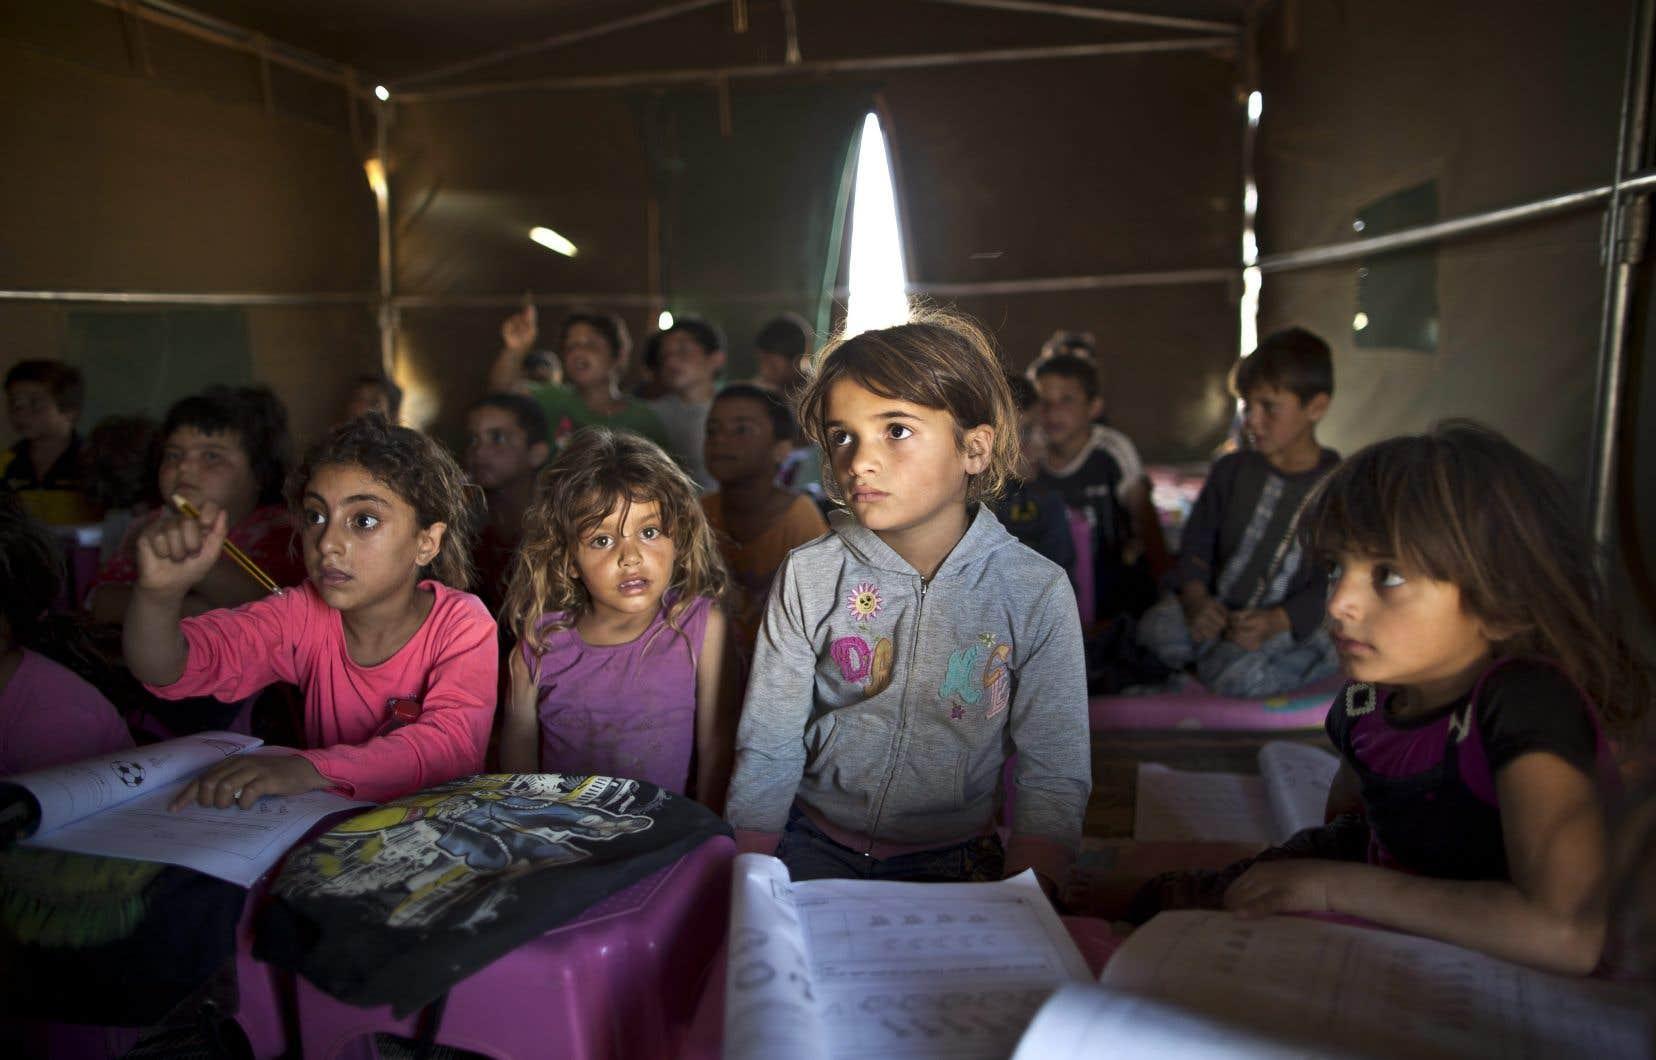 Dans les régions touchées par des conflits, comme ici en Syrie, et où les populations restent chez elles, le recours  à l'éducation communautaire améliore les résultats scolaires lors d'un retour  à l'école.